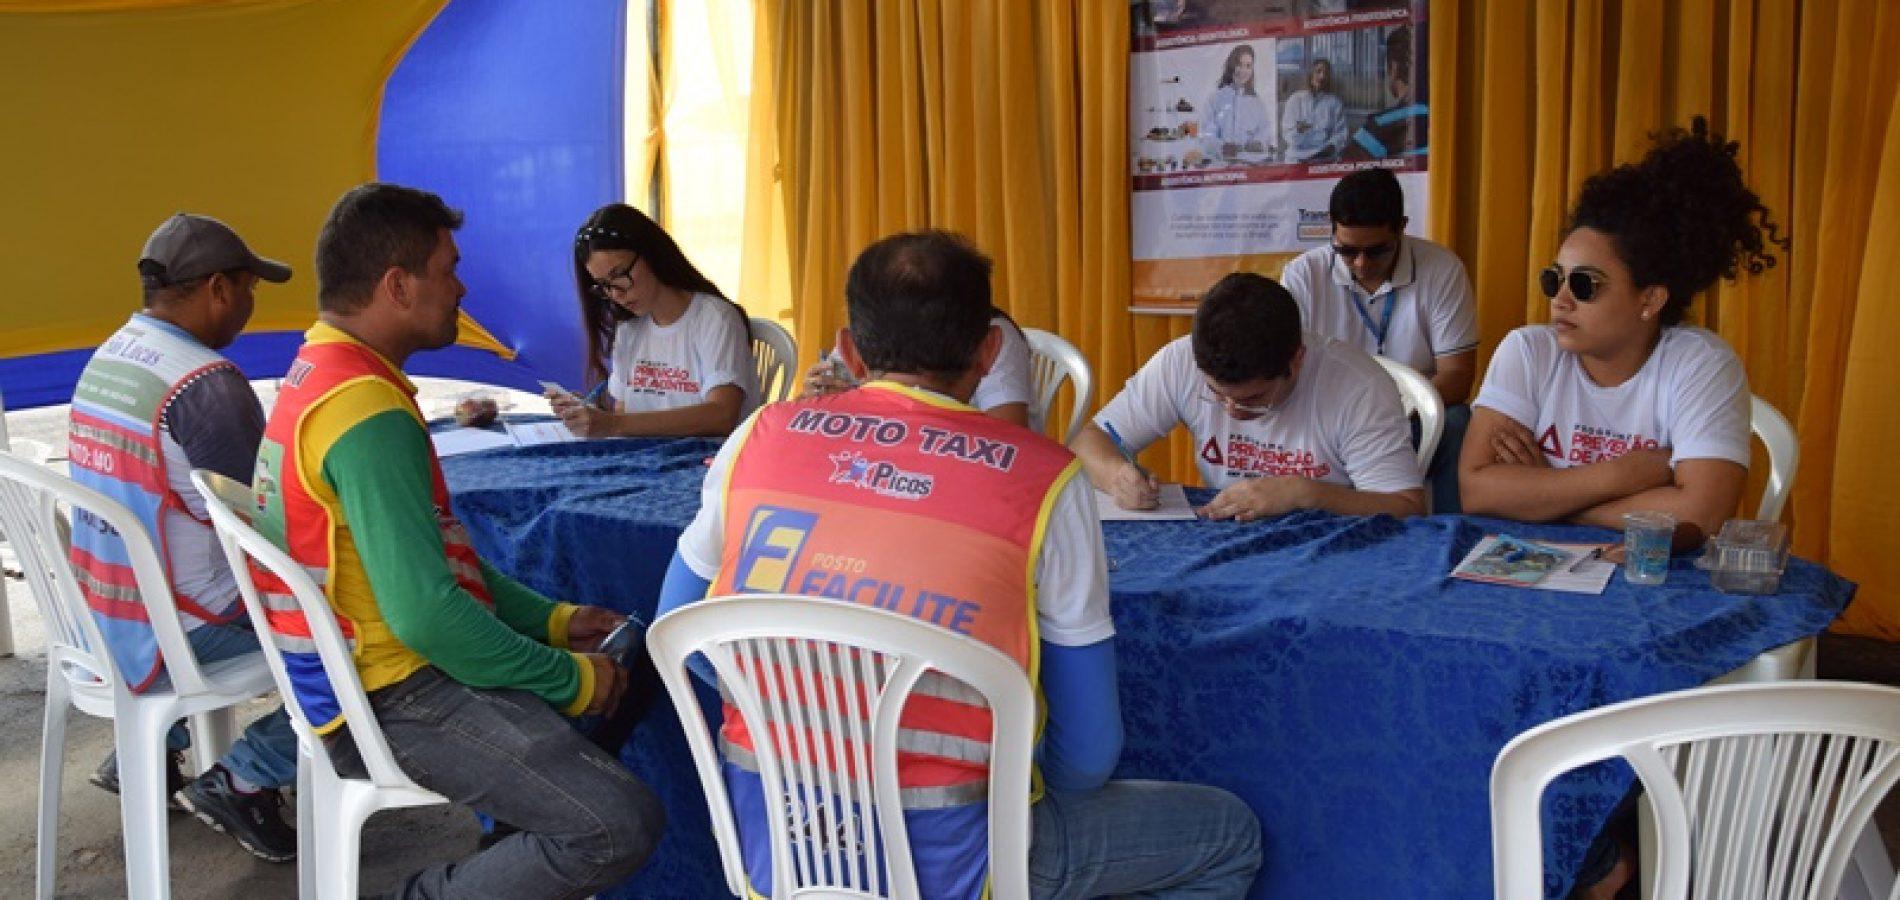 Sest Senat e Saúde promovem dia de ação social para taxistas e mototaxistas em Picos